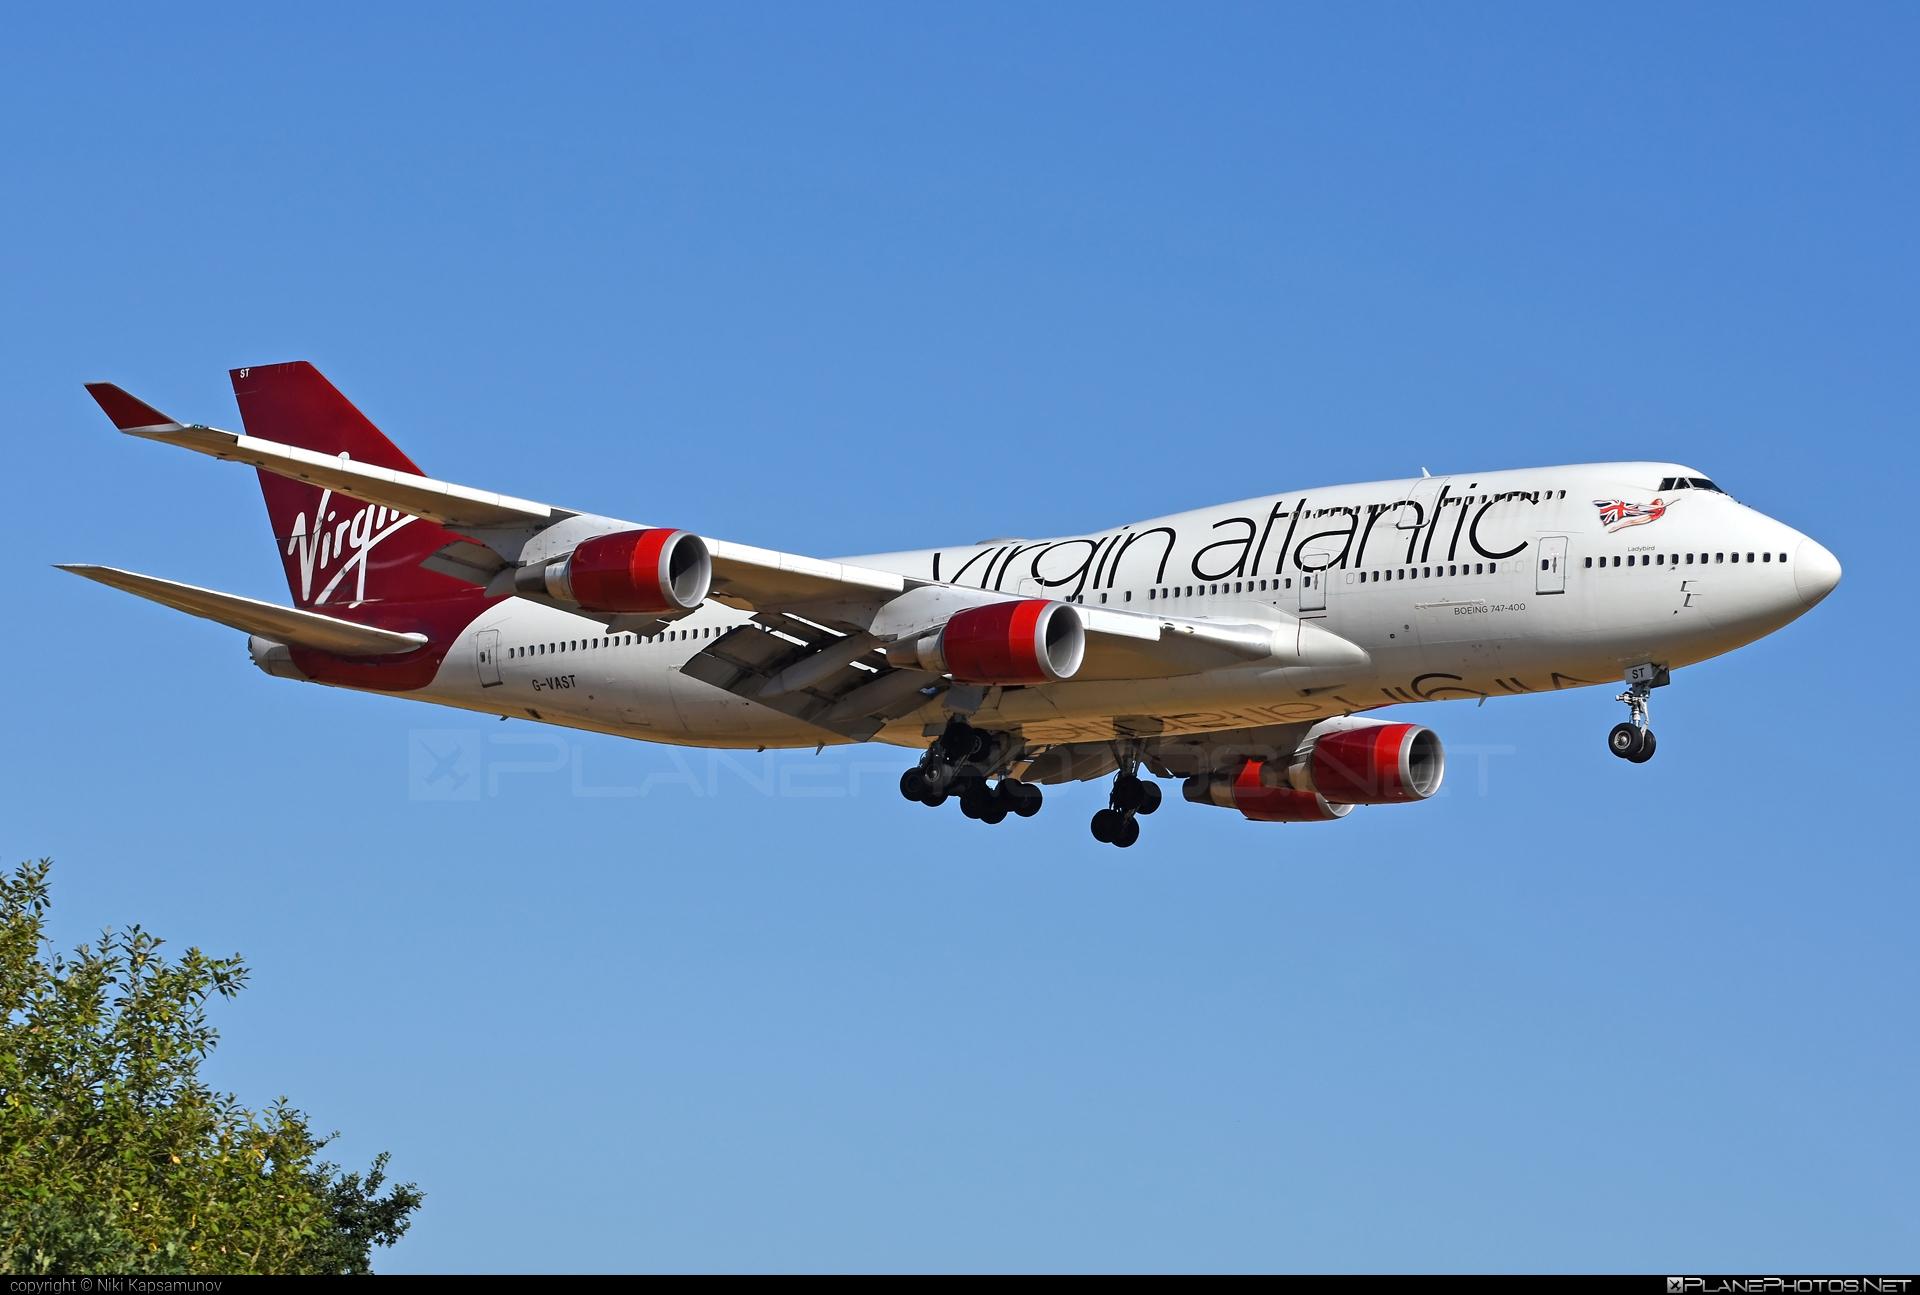 Boeing 747-400 - G-VAST operated by Virgin Atlantic Airways #b747 #boeing #boeing747 #jumbo #virginatlantic #virginatlanticairways